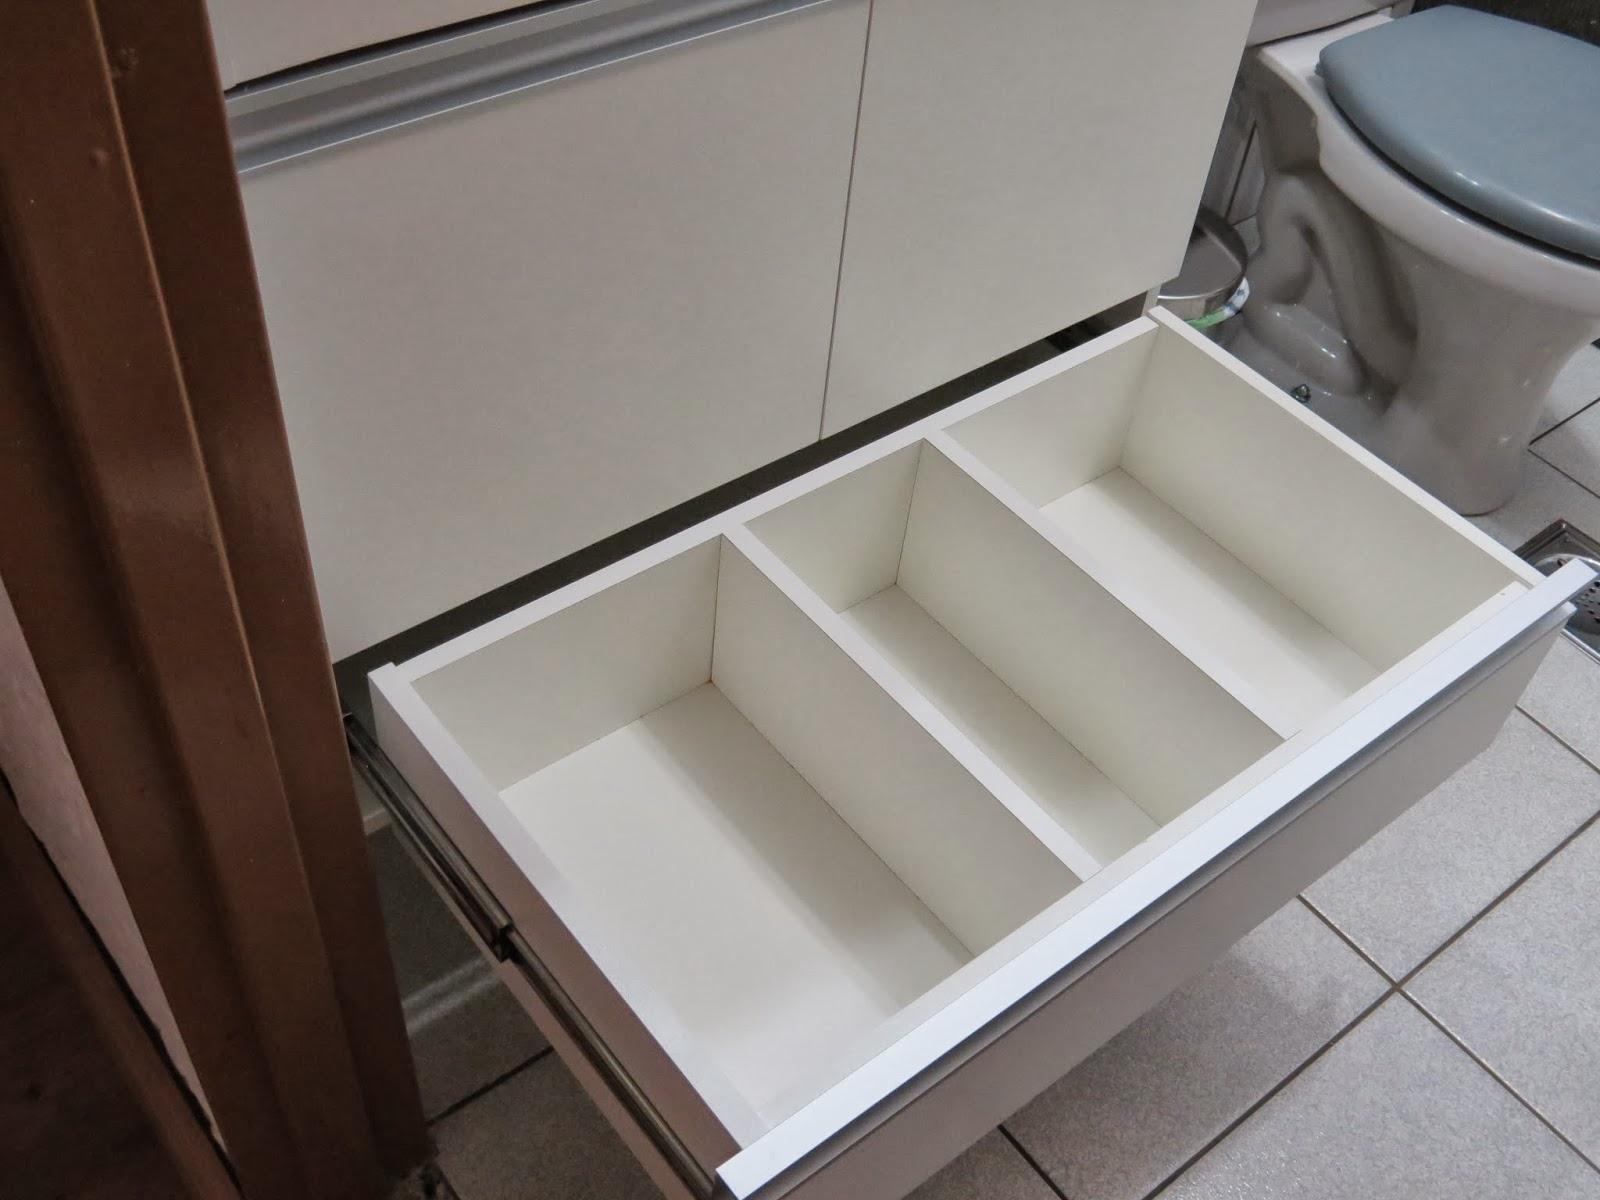 de janeiro de 2014 #34241C 1600x1200 Armario Banheiro De Aluminio